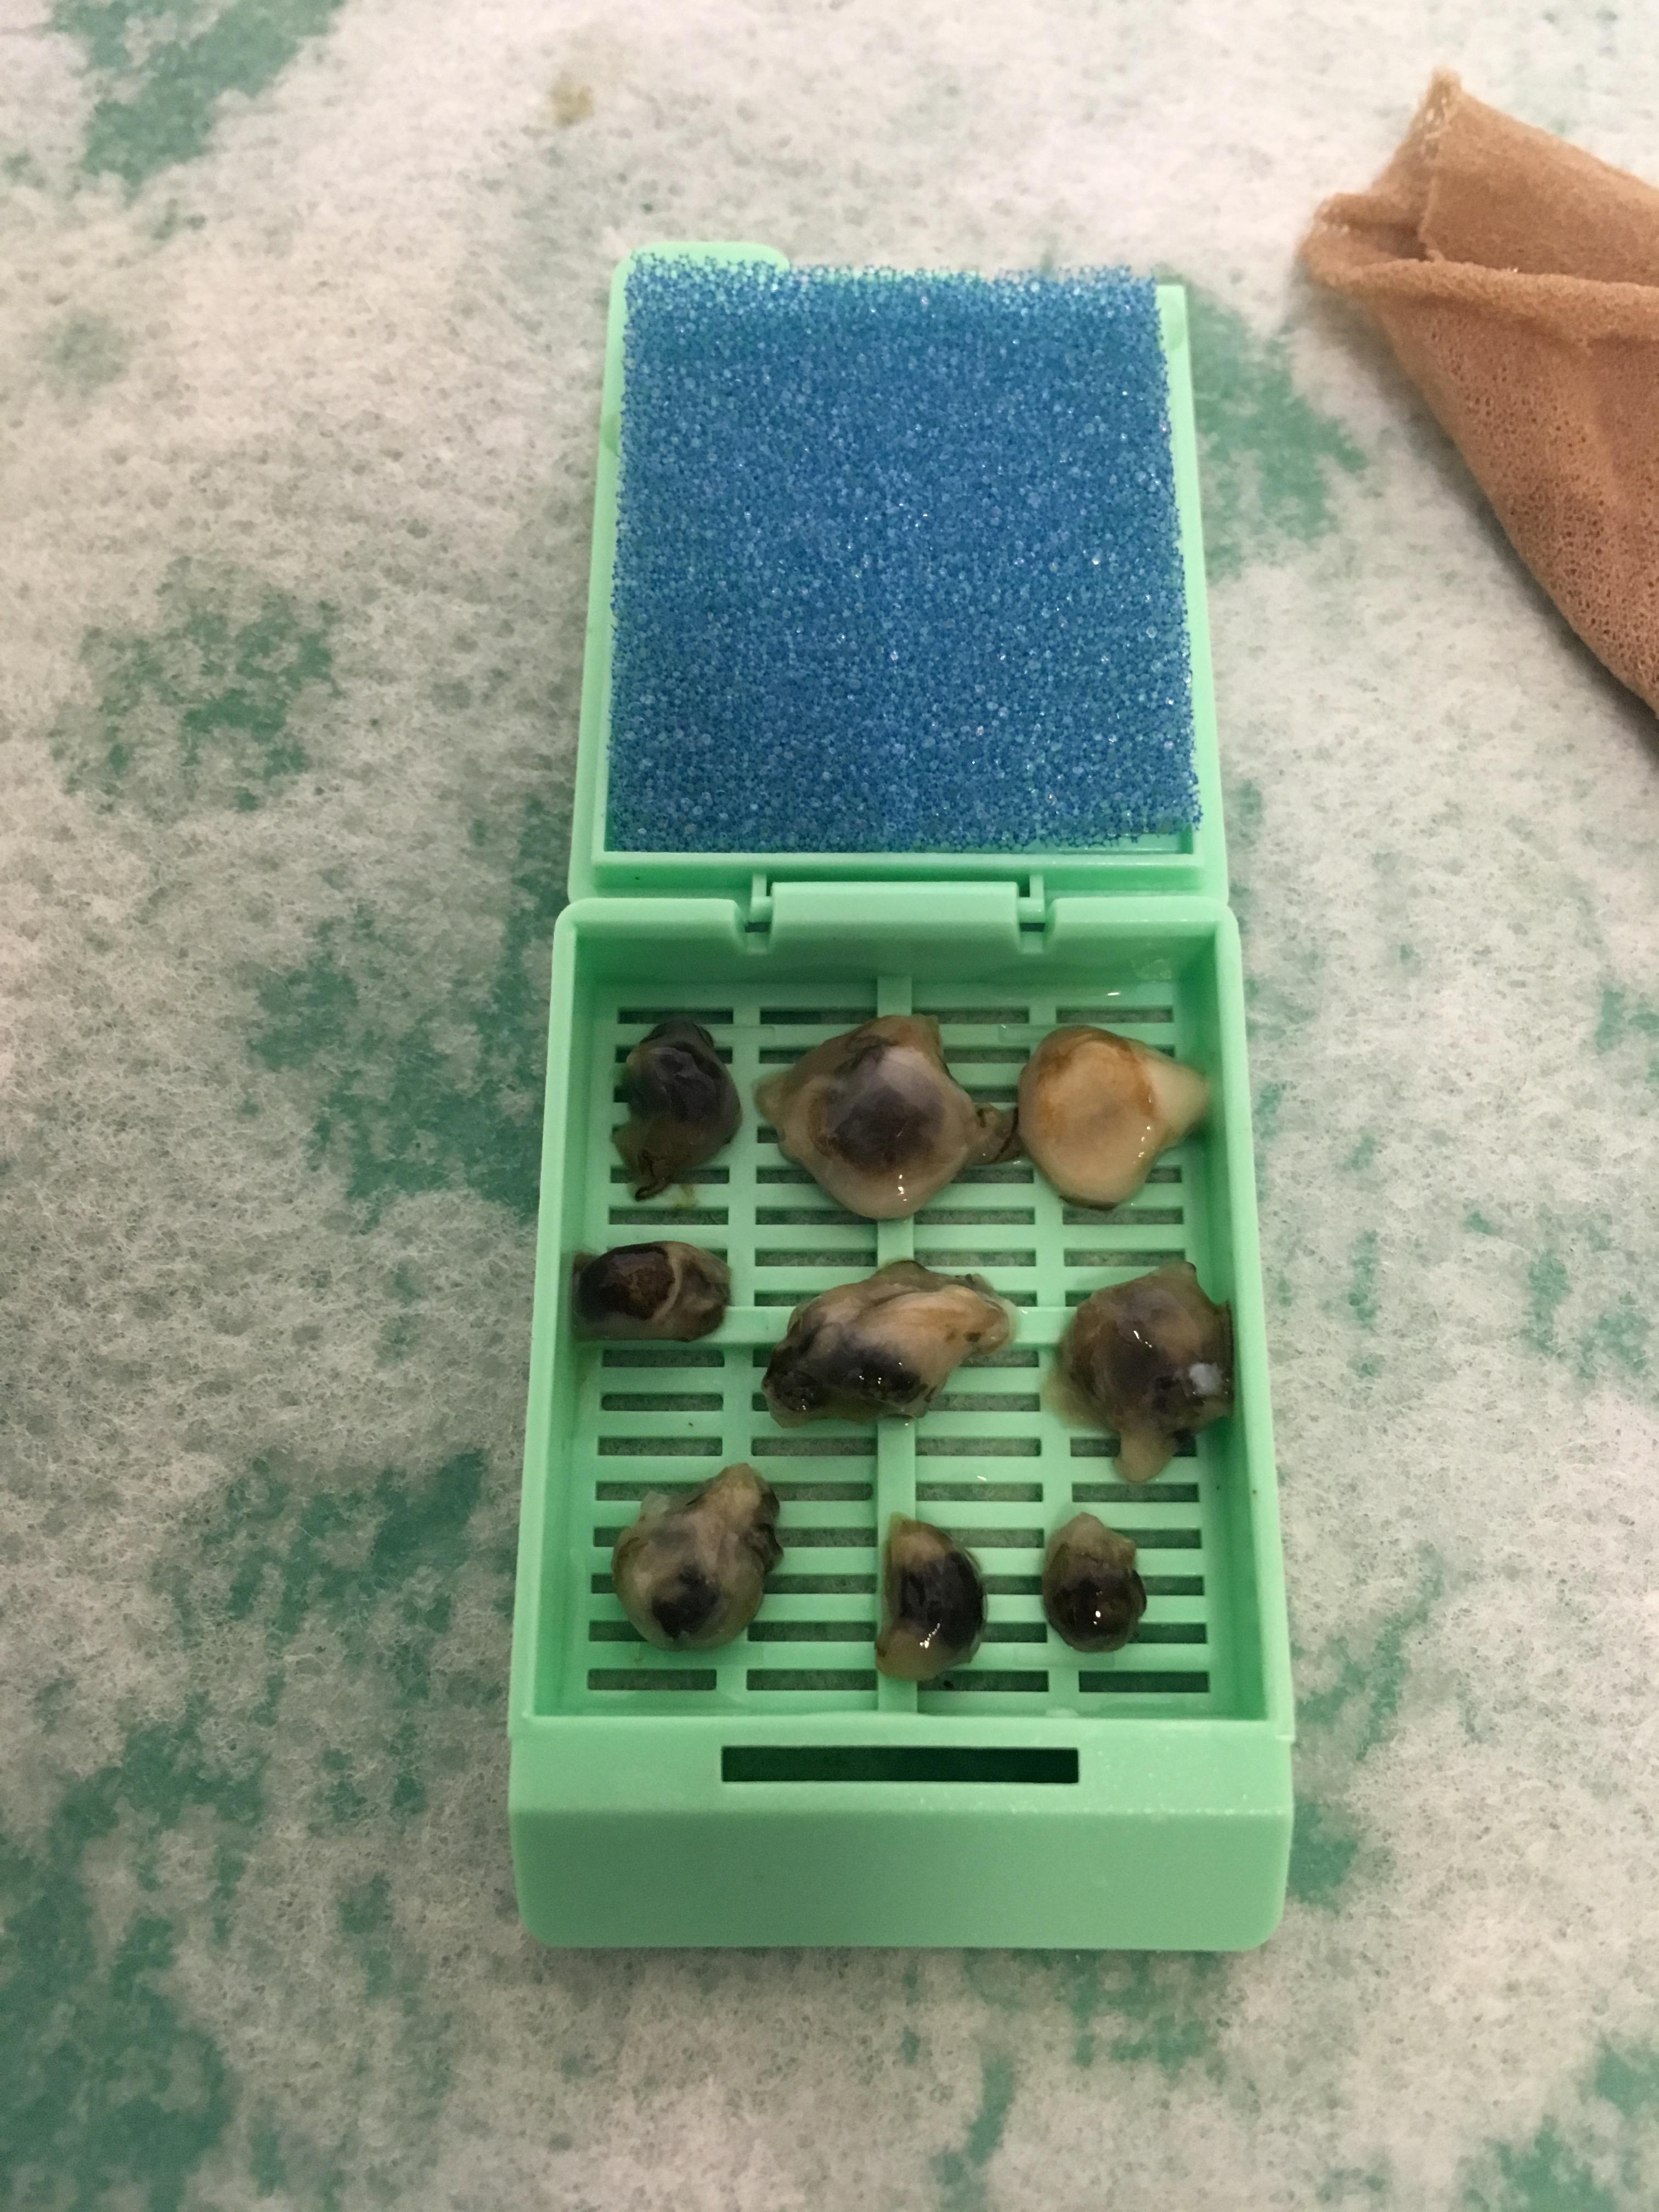 k-6 samples in cassette